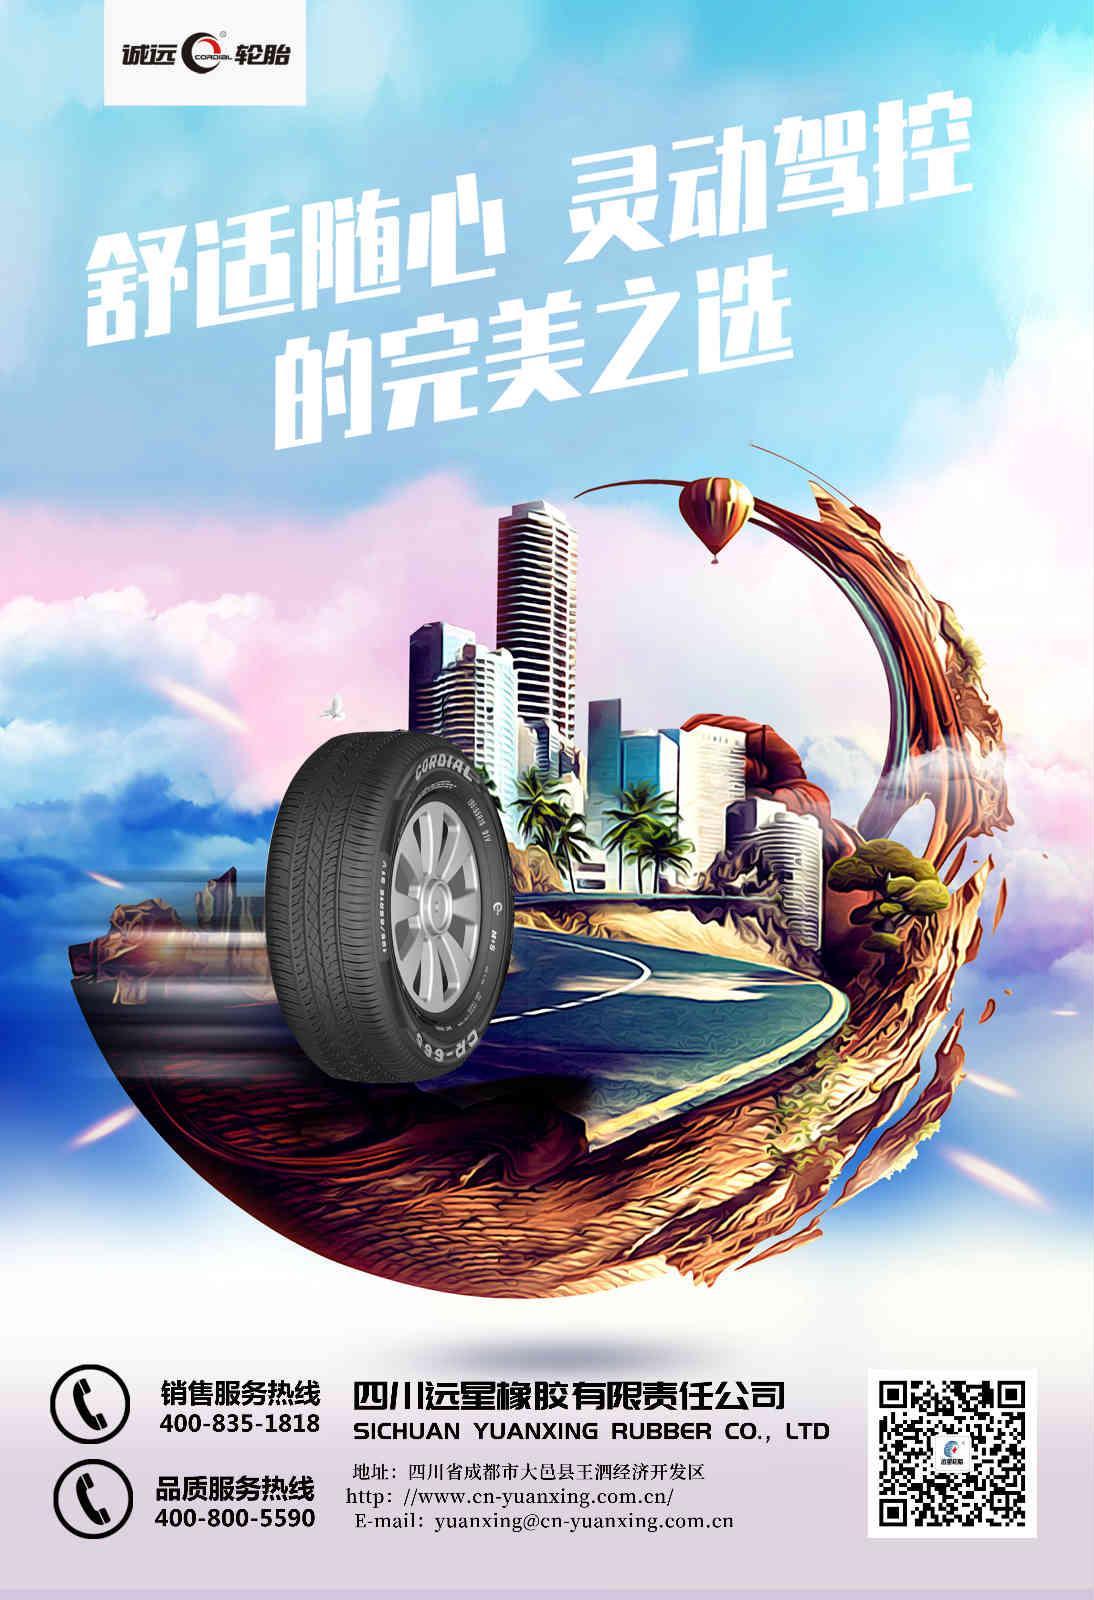 厂家批发轮胎_远星橡胶提供有品质的轮胎